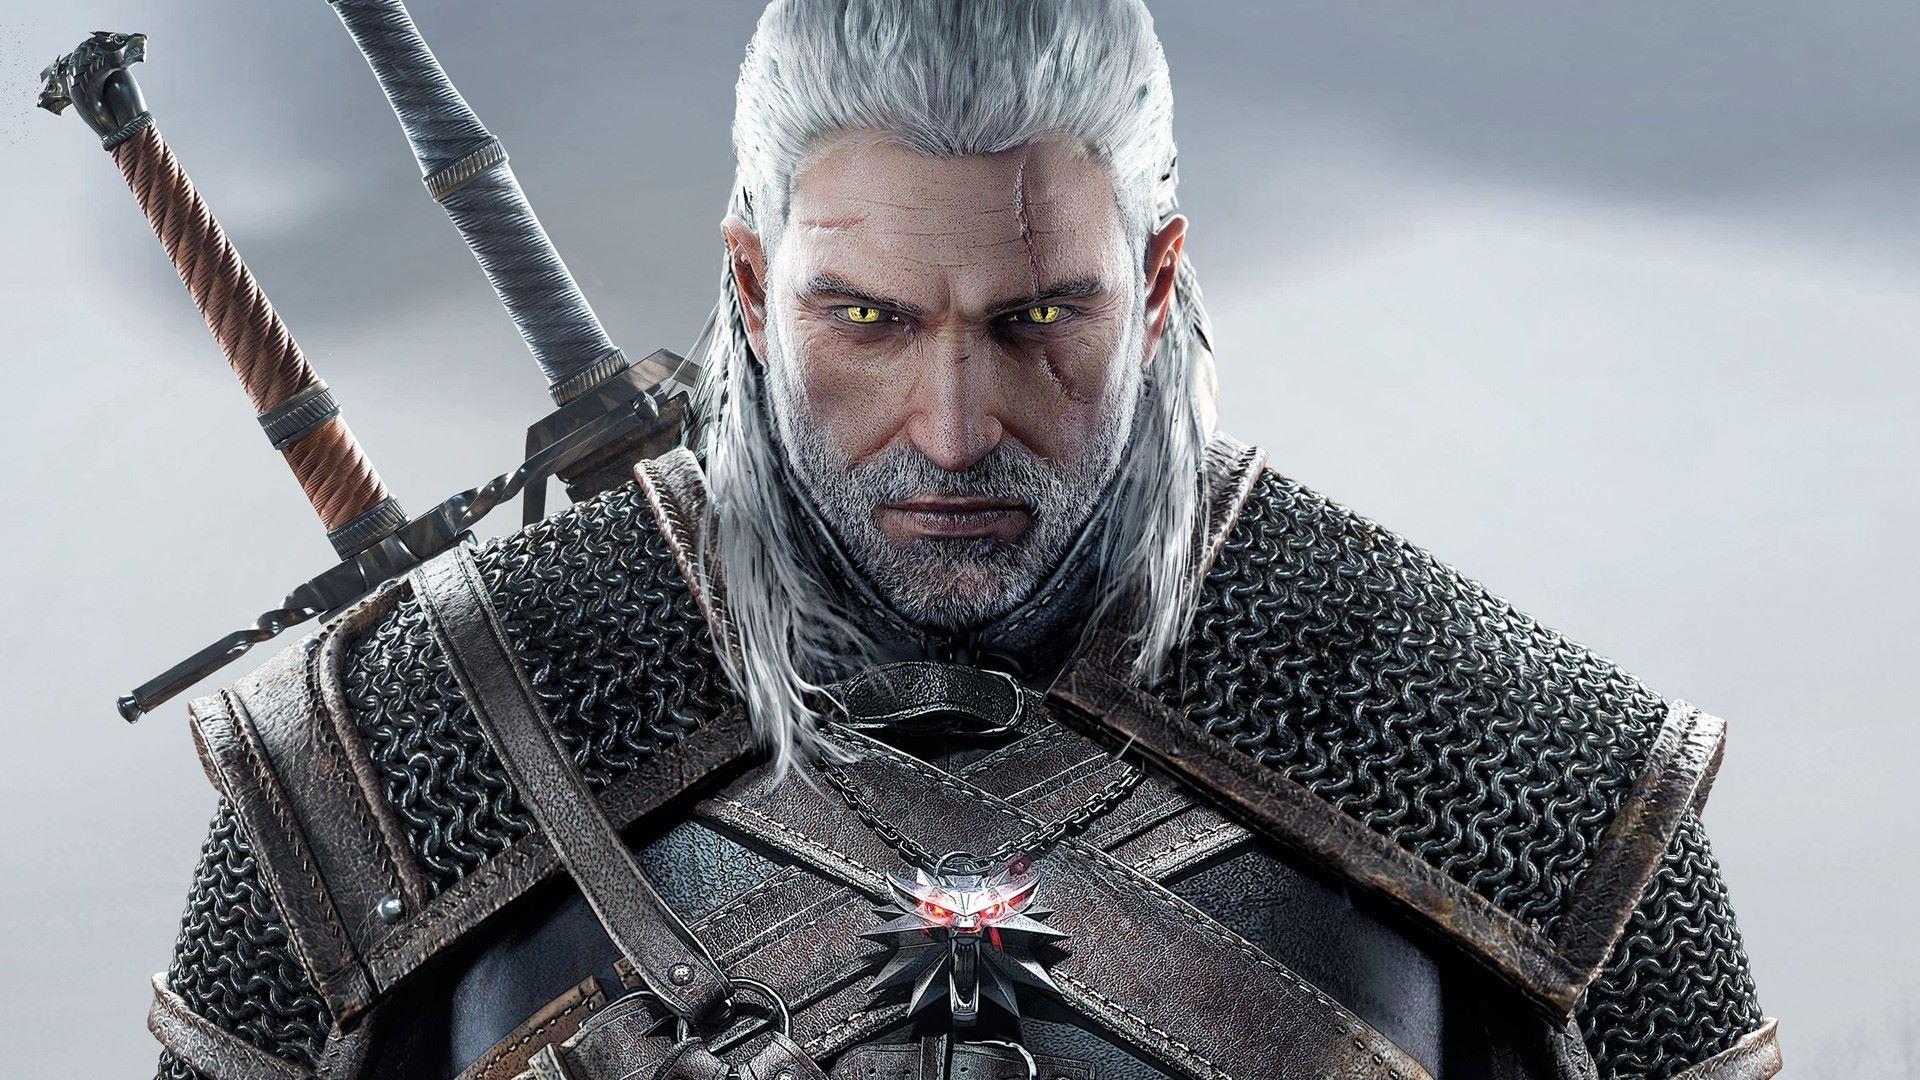 Znany artysta DC Comics narysował własną wersję Geralta z Rivii ...